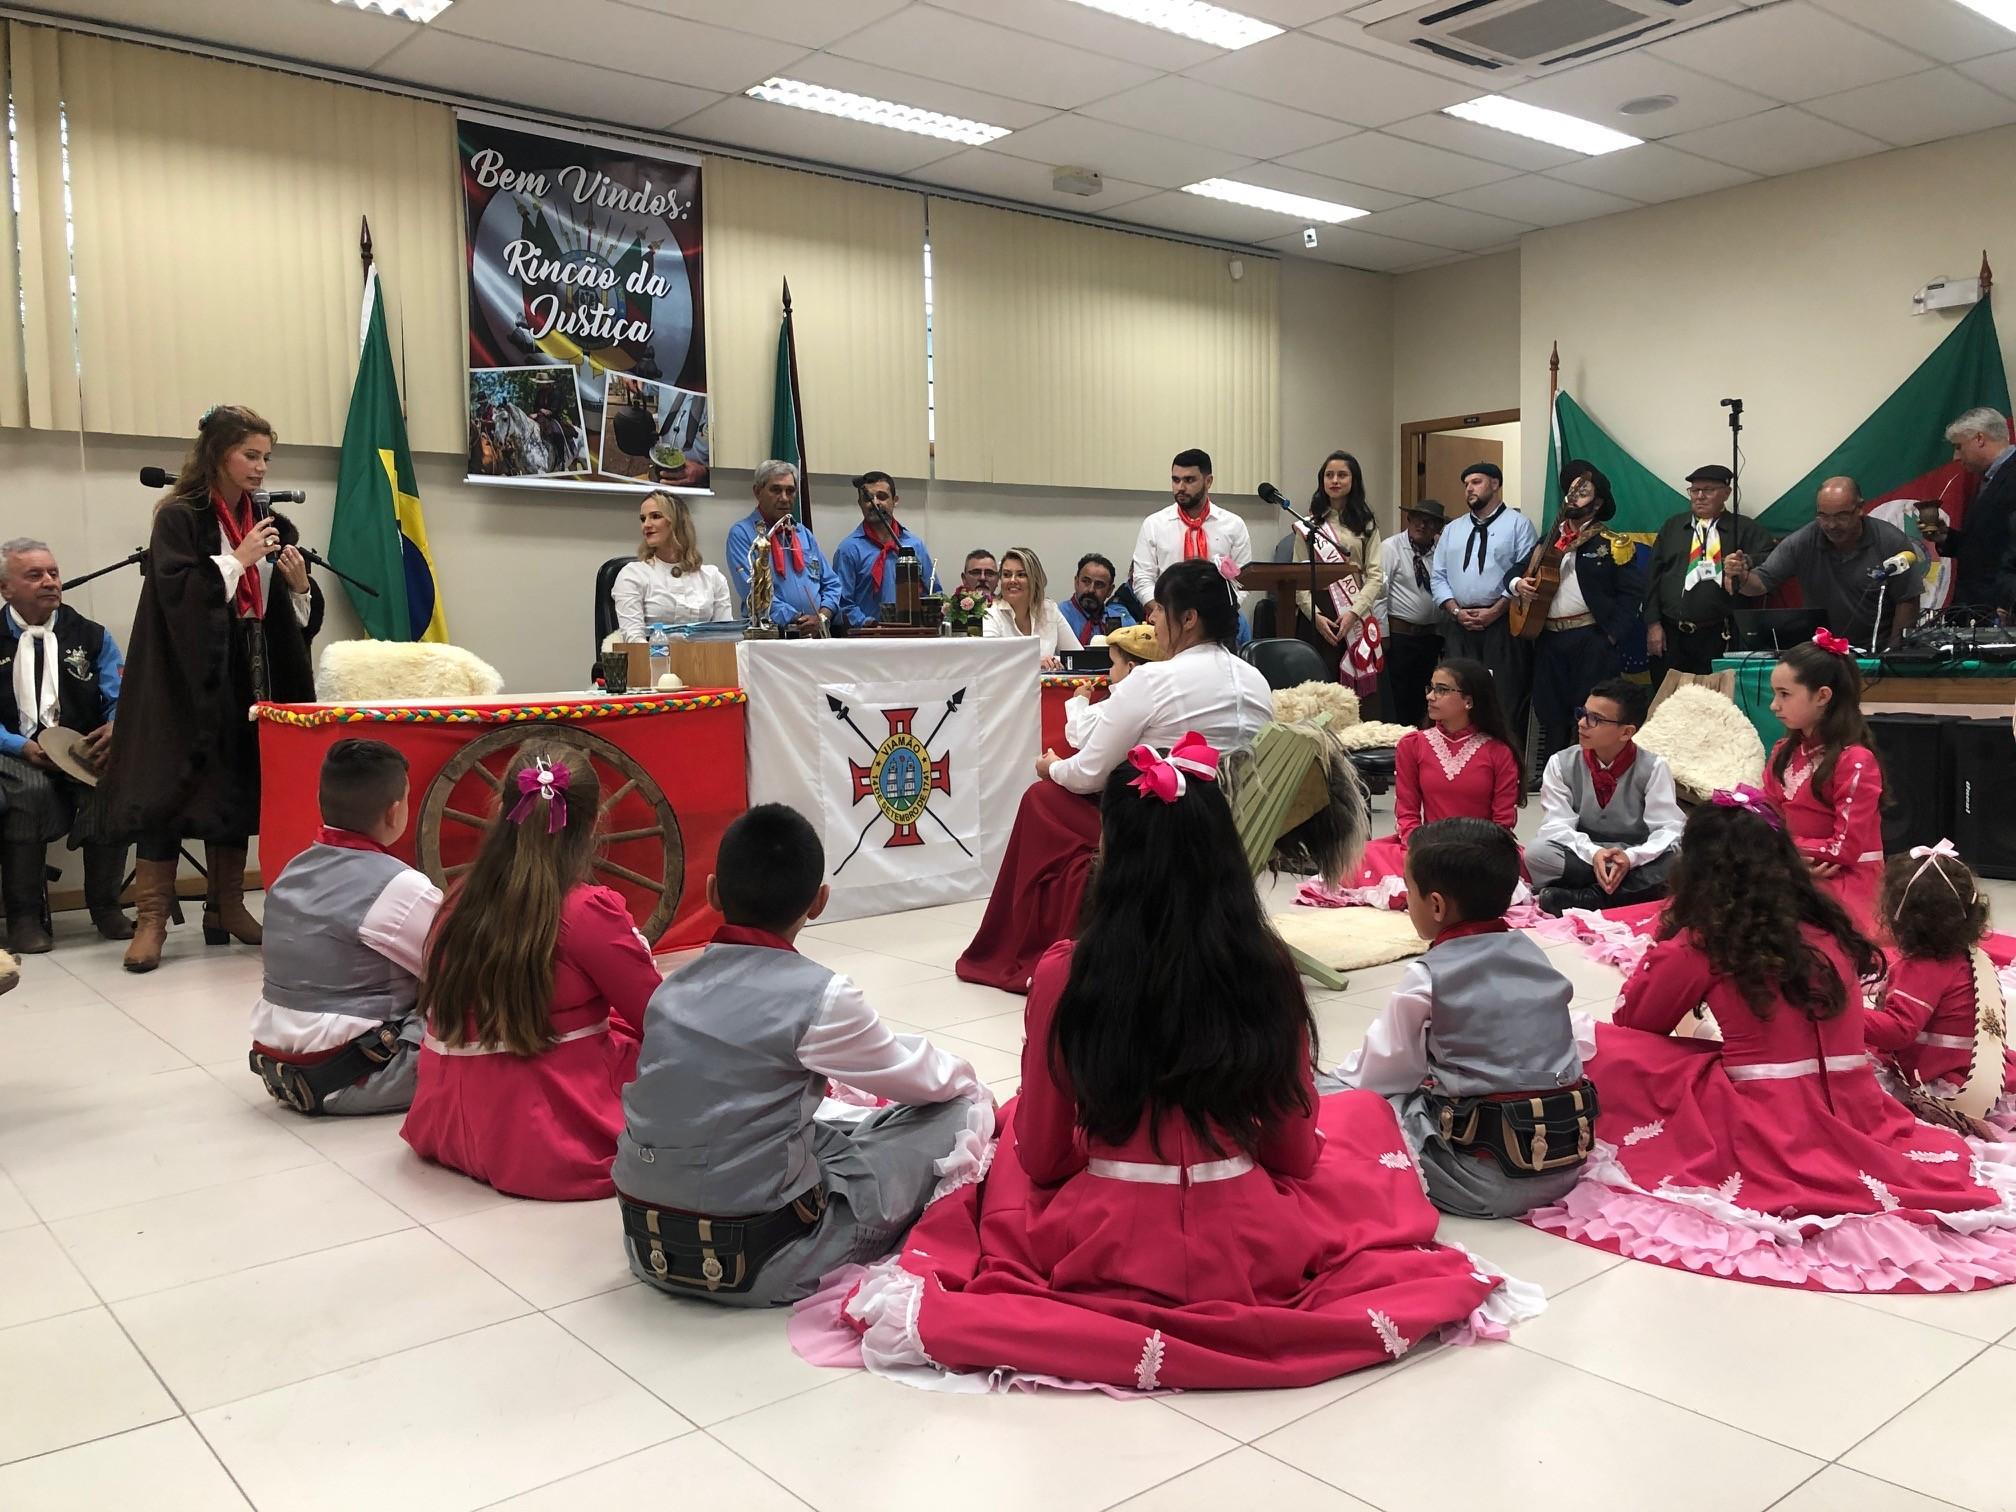 Juíza organiza audiência crioula em Viamão - Notícias - Plantão Diário